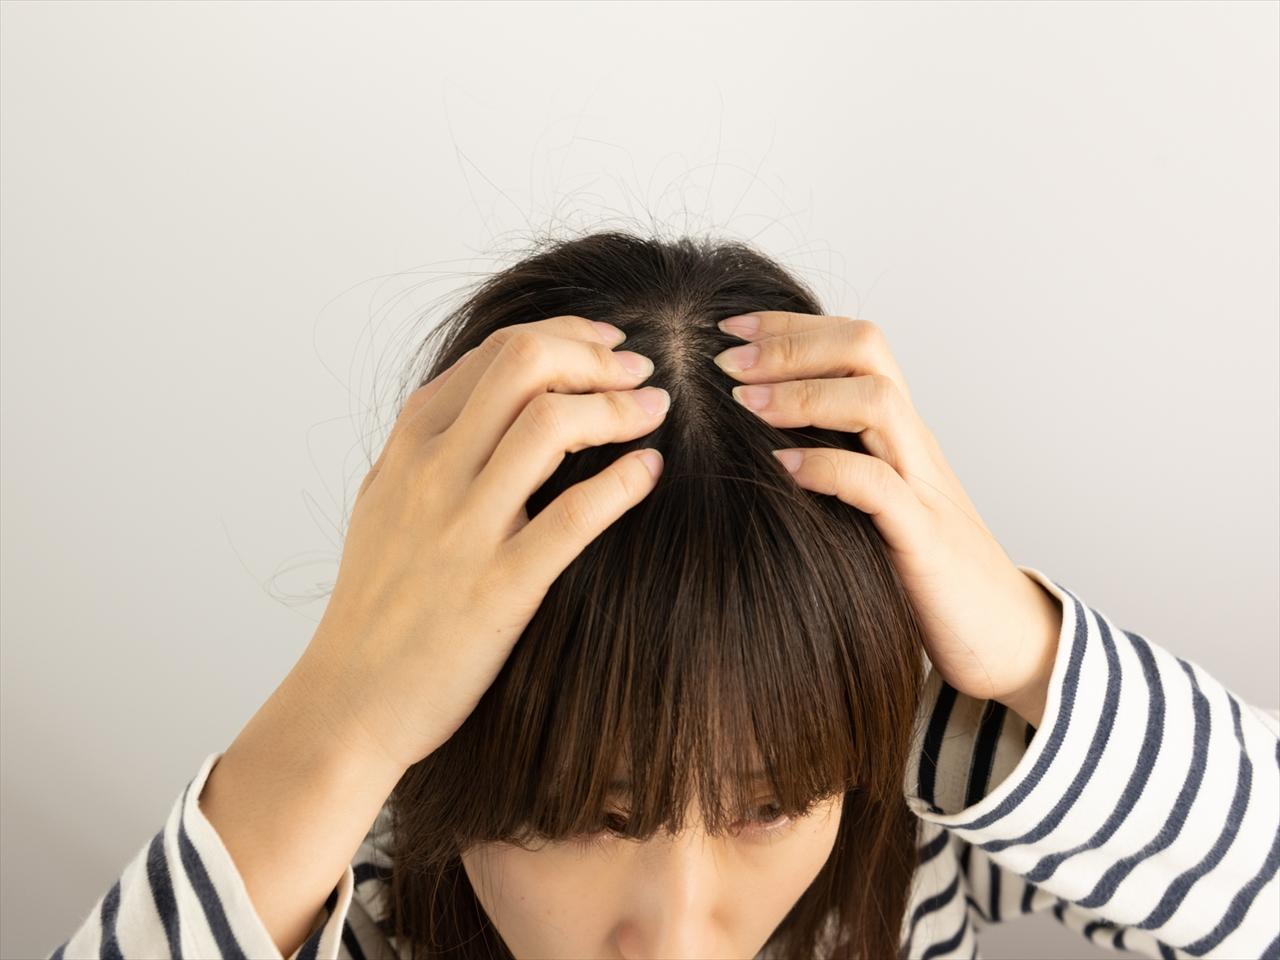 【子育て】妻の産後脱毛が、思ってたよりすごかった。